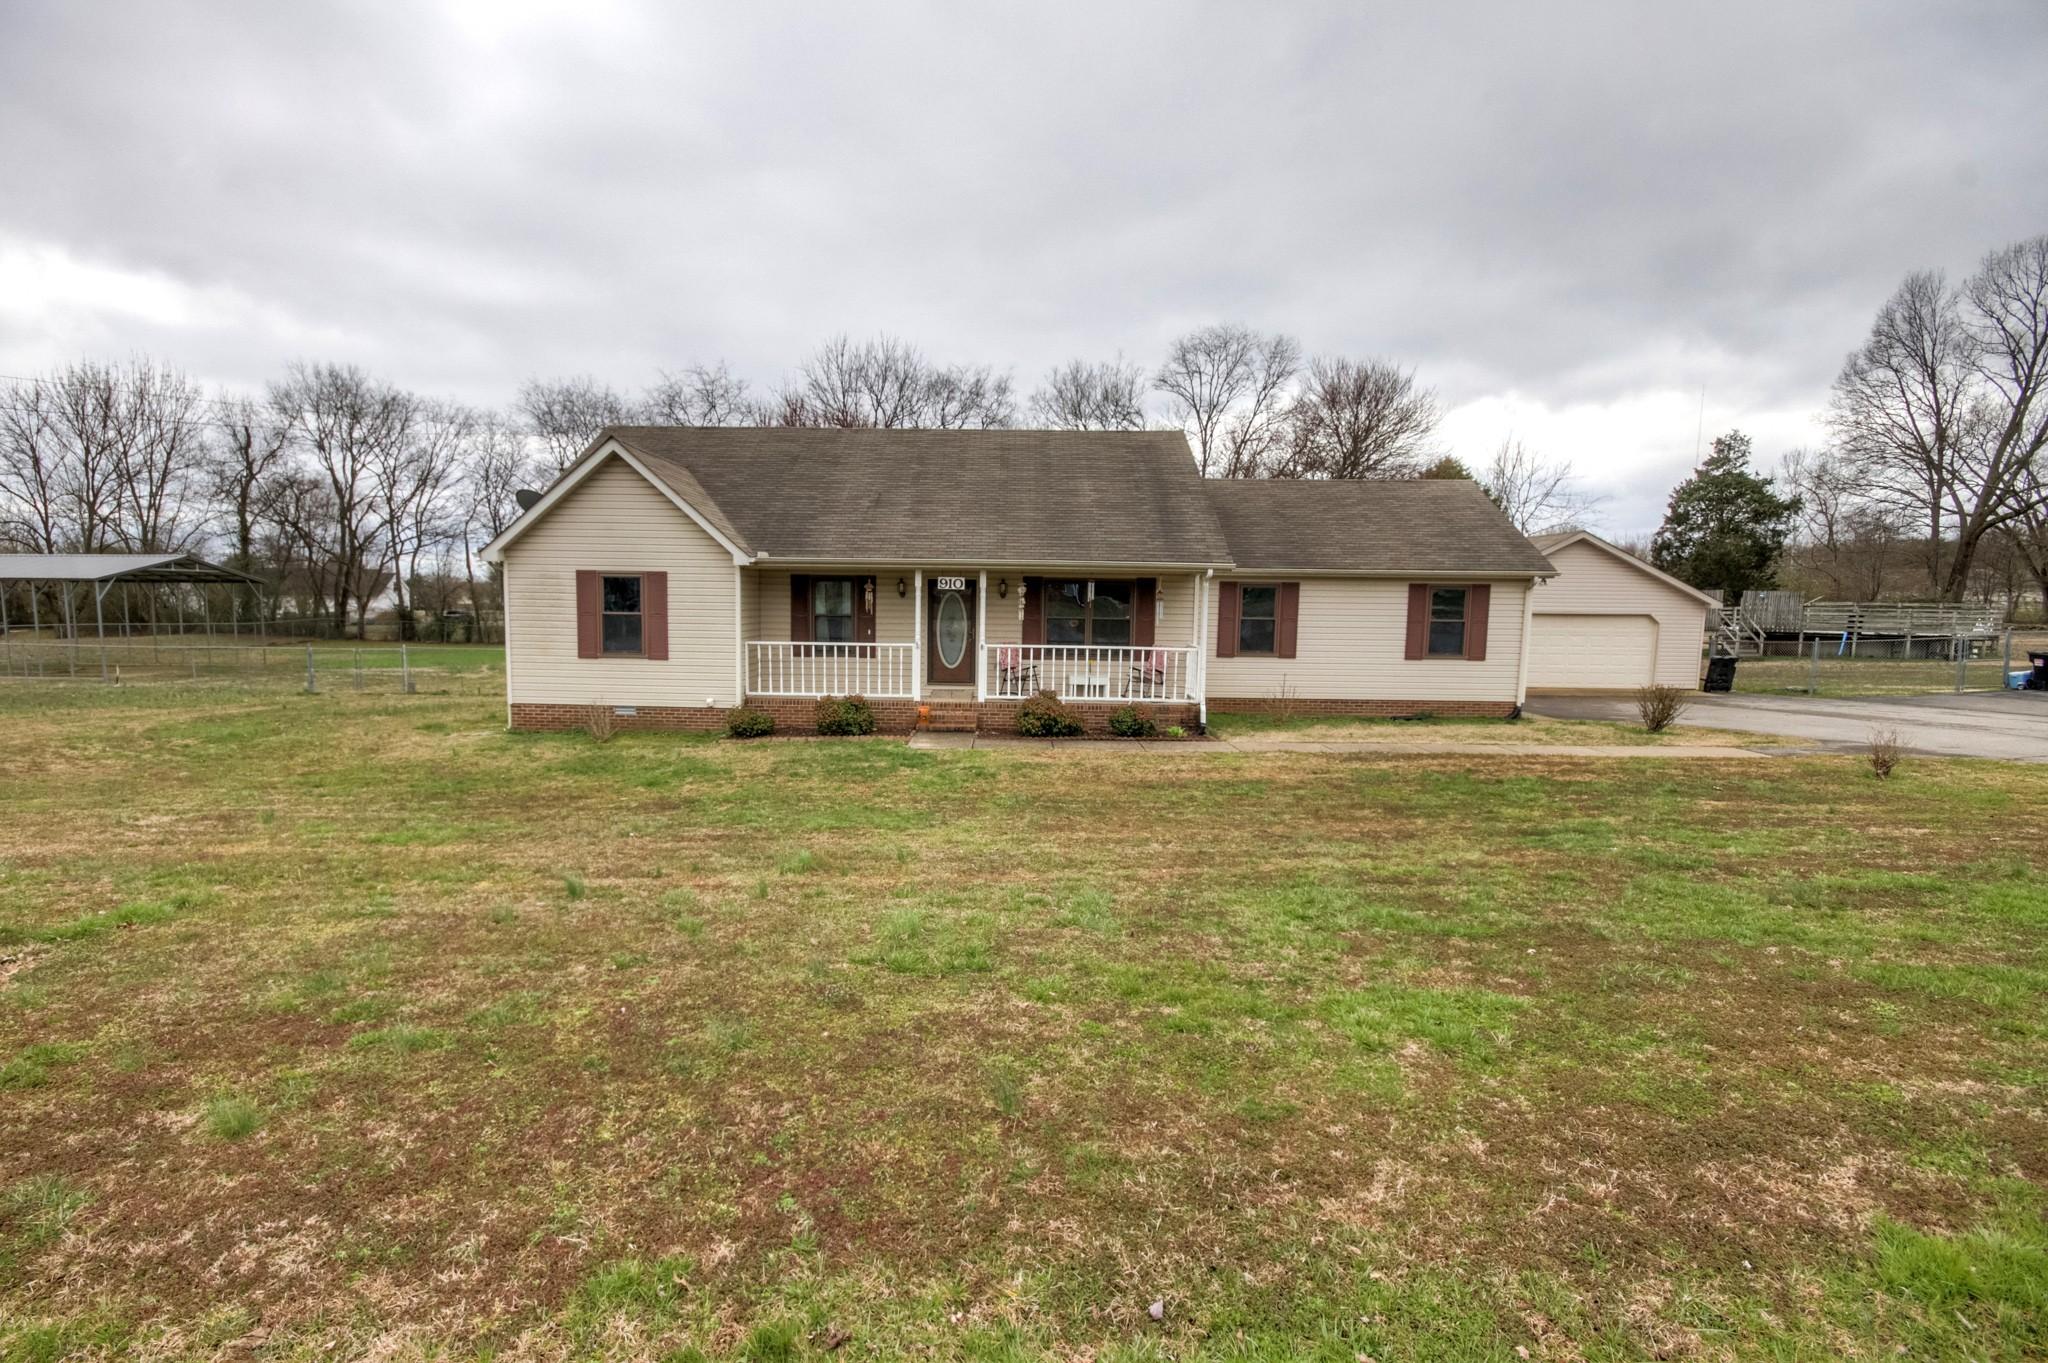 910 Sherwood Oaks Dr, Rockvale, TN 37153 - Rockvale, TN real estate listing